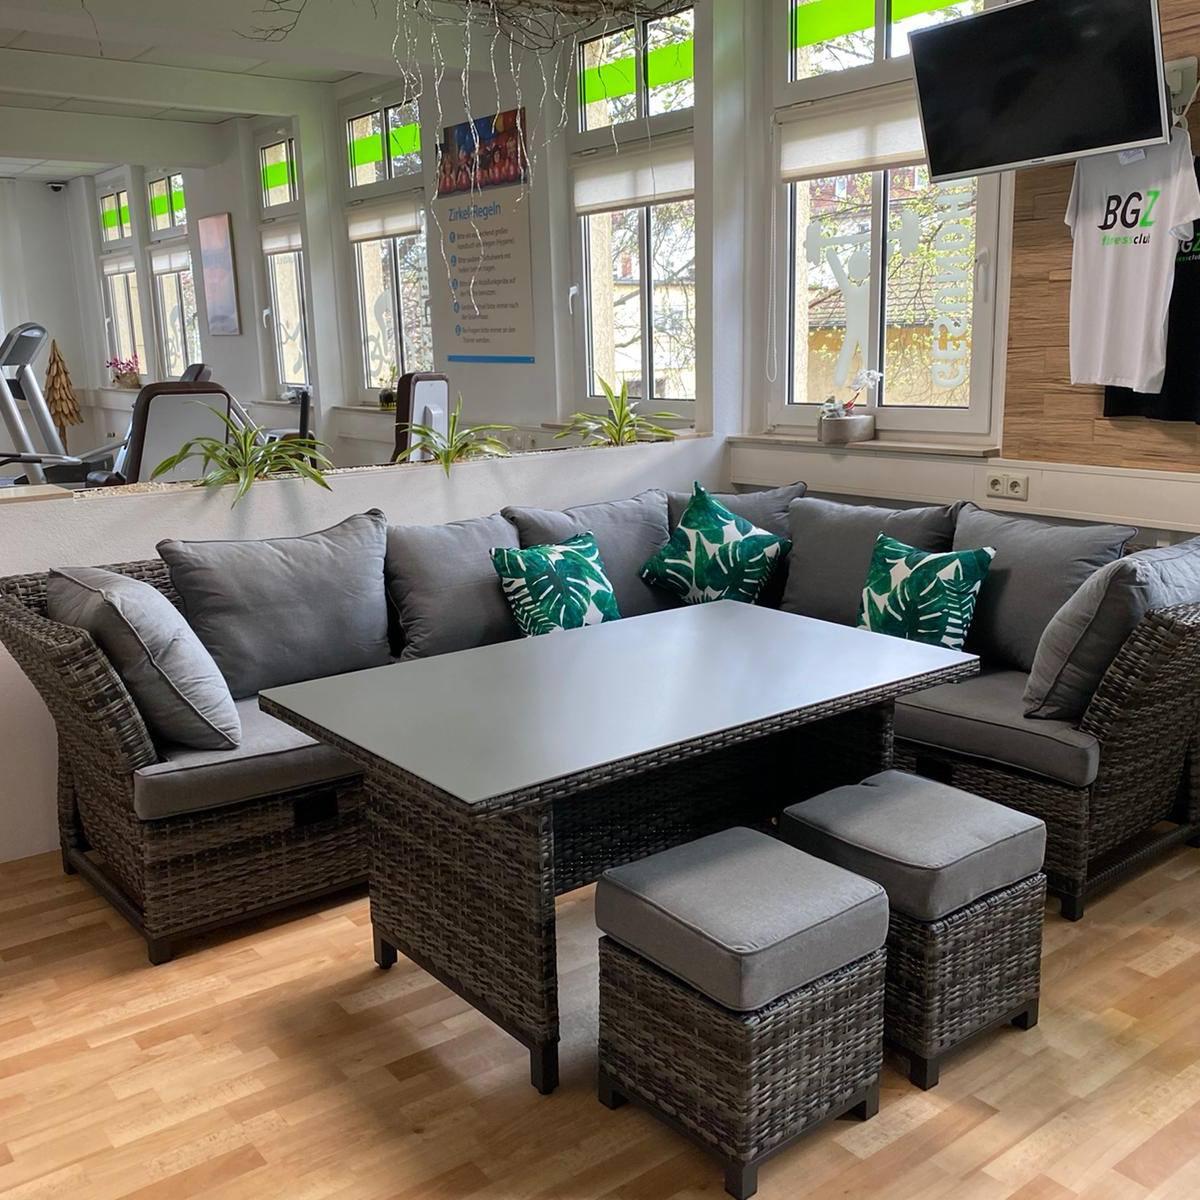 BGZ Apolda Neue Kaffee Lounge